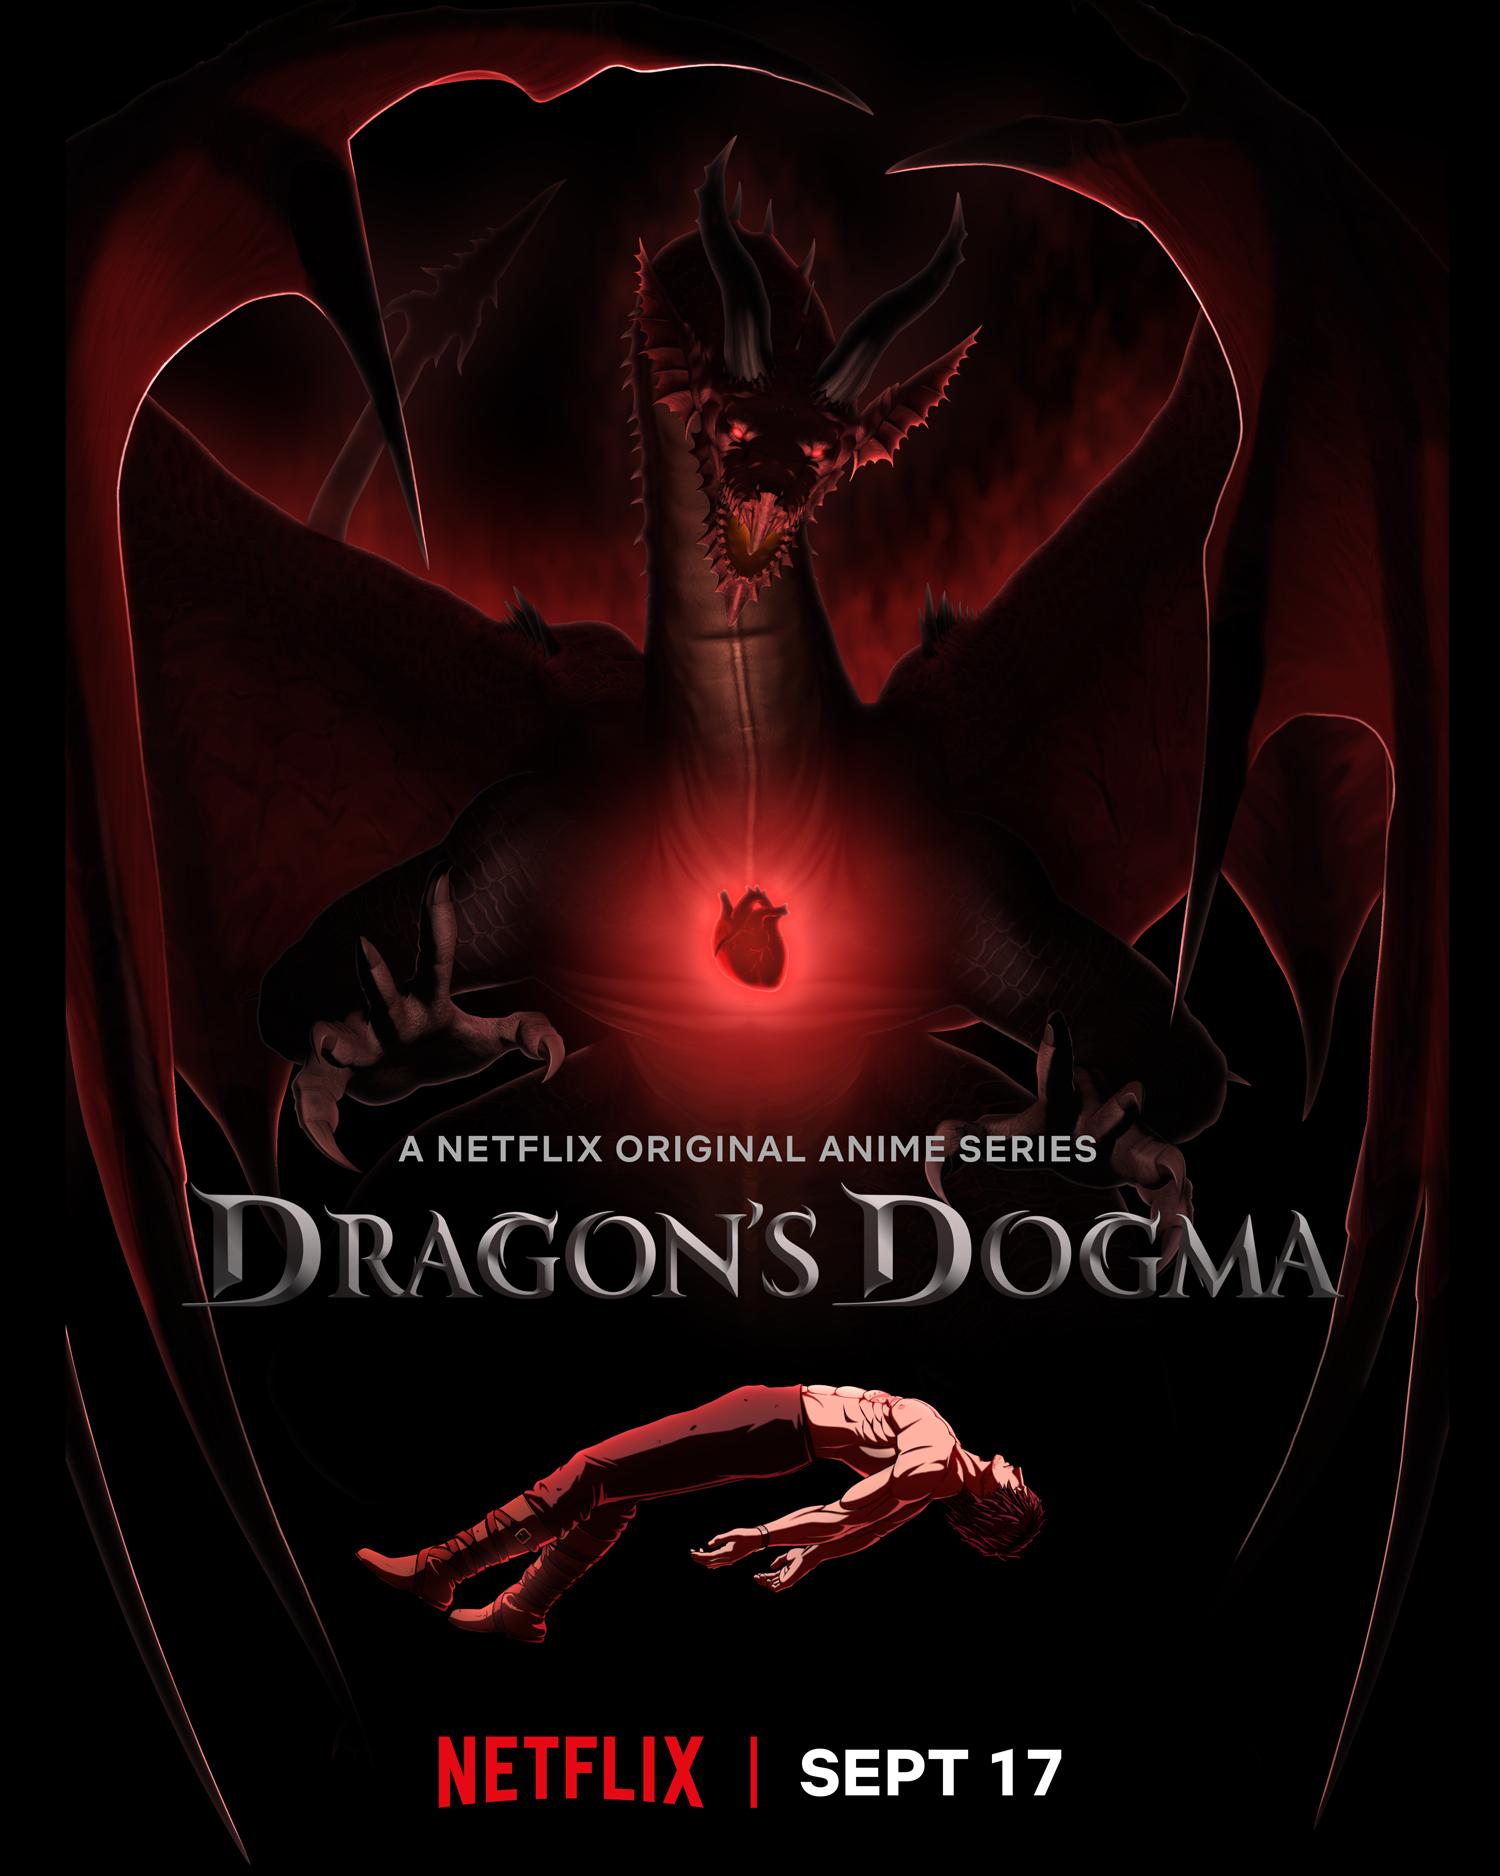 Dragons Dogma Anime Poster